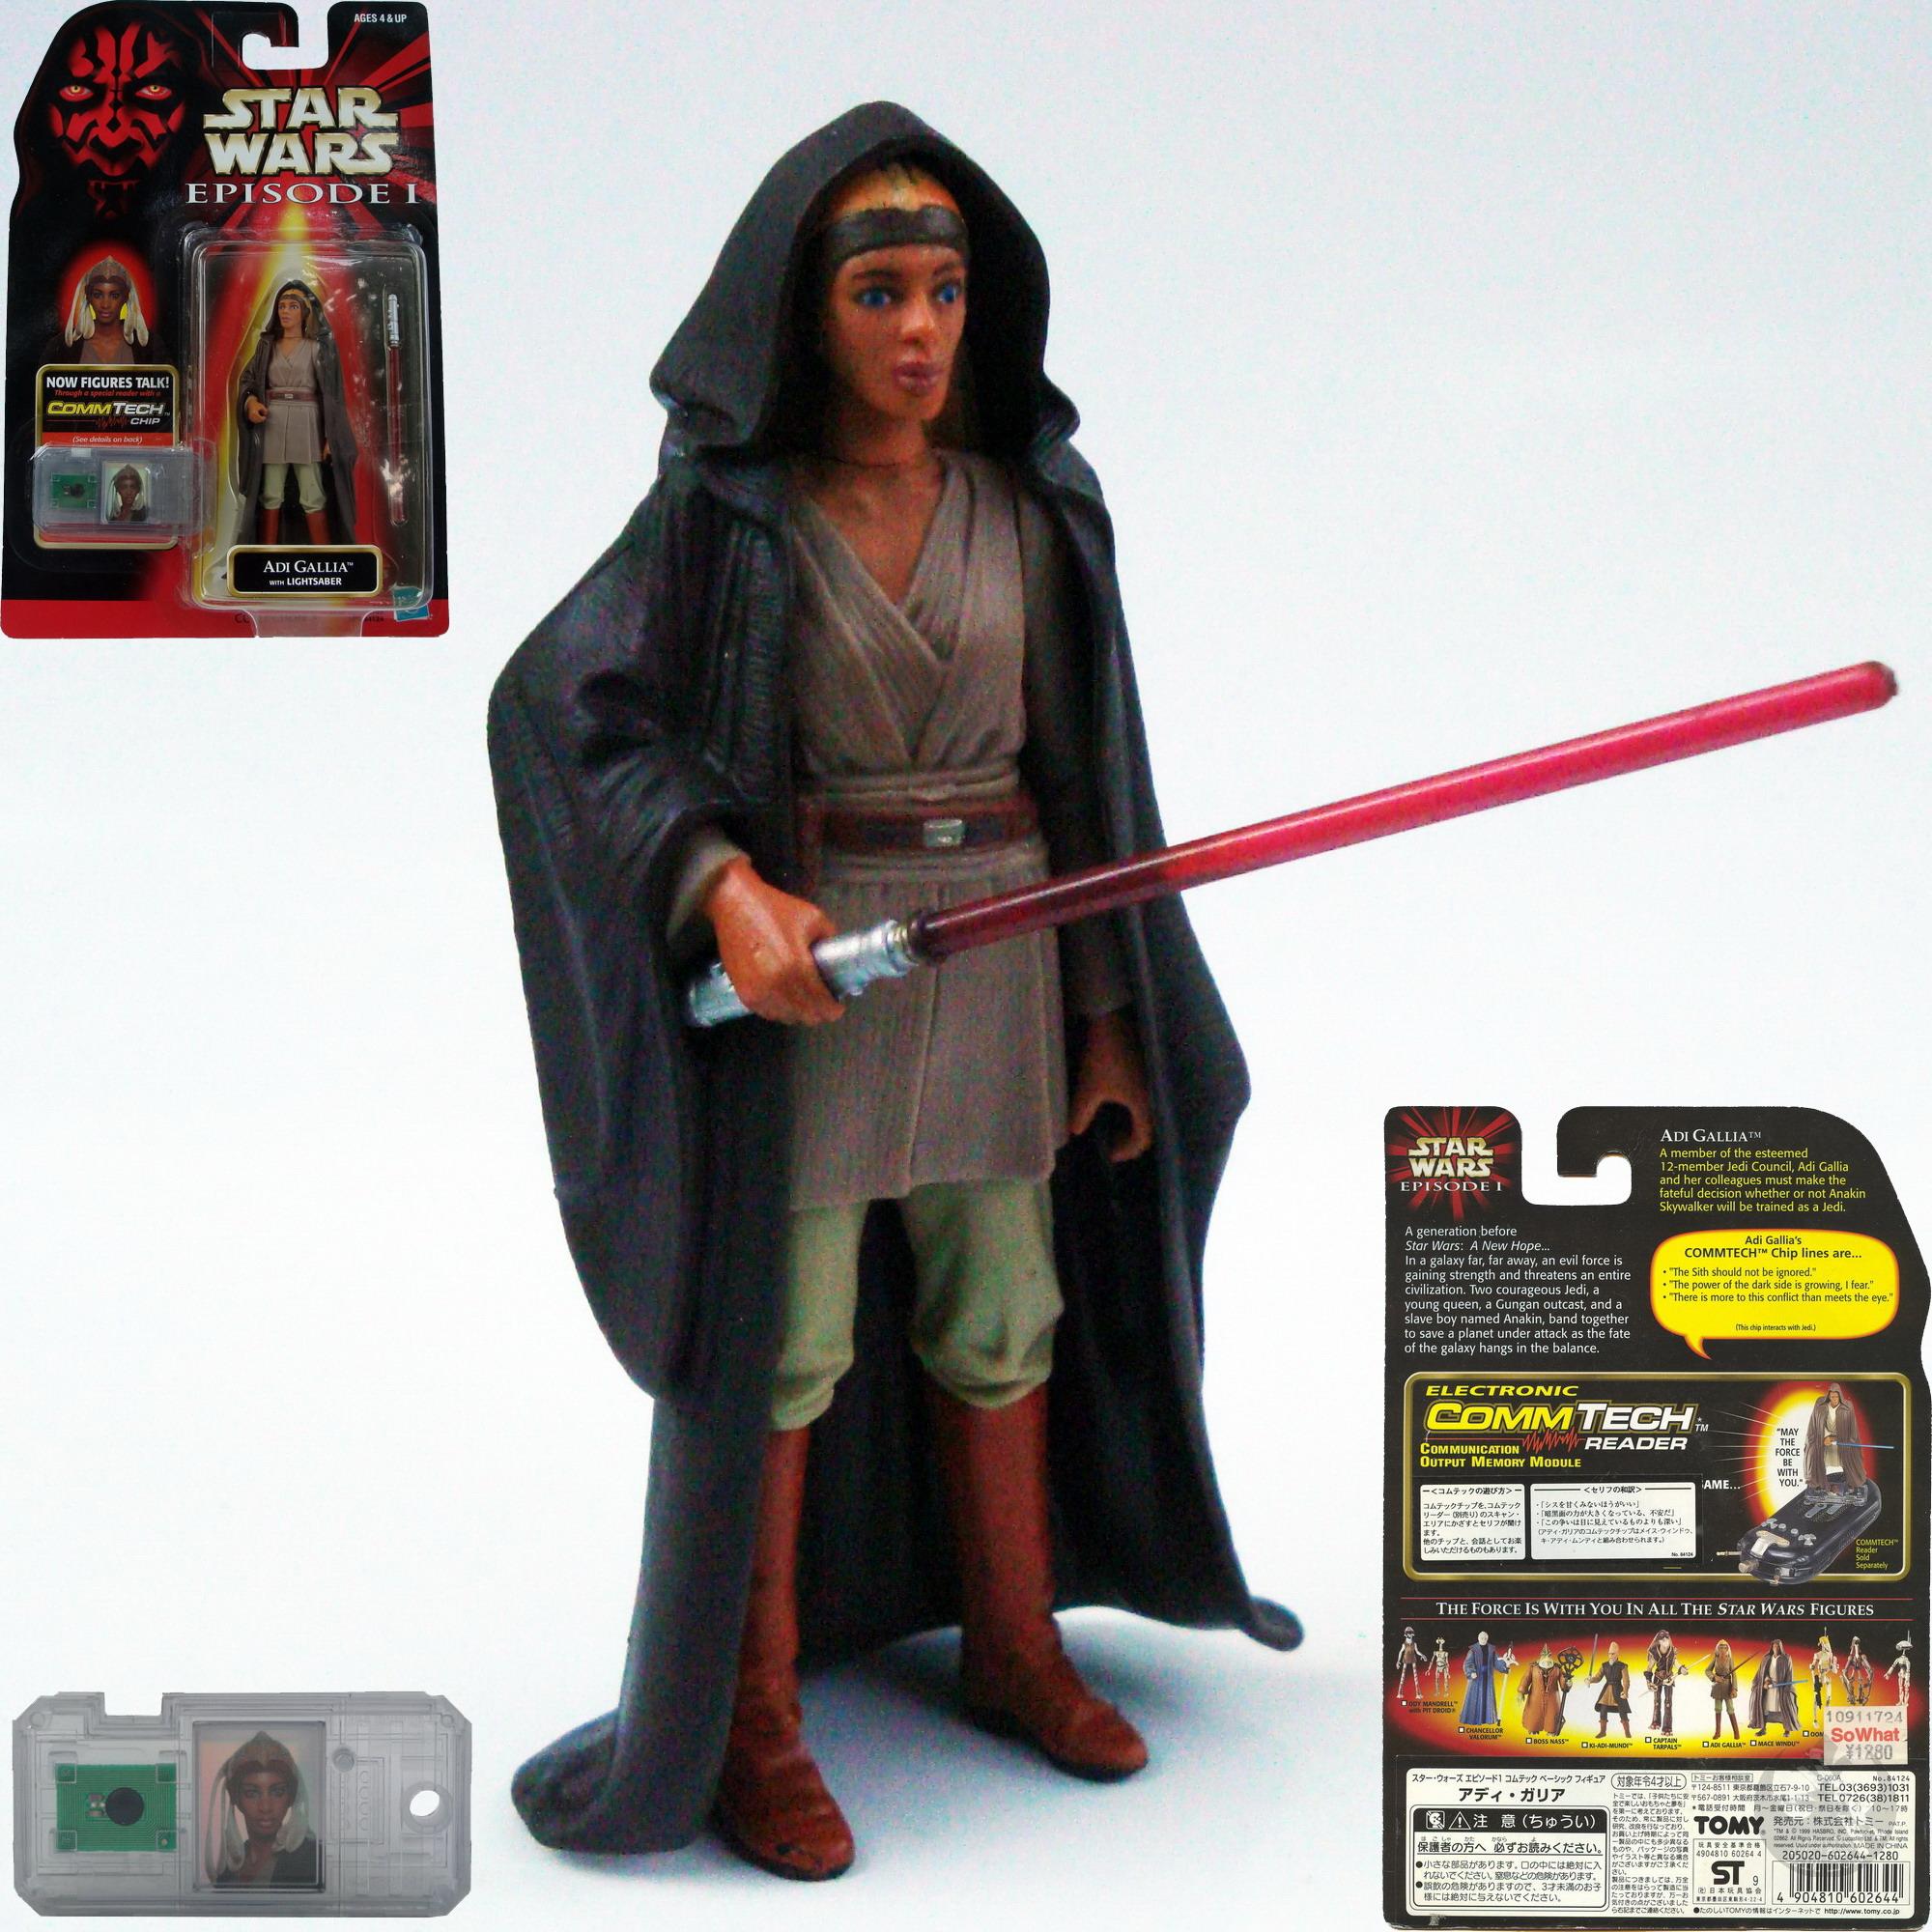 Star Wars Episode I Basic Figure Collection III Adi Gallia Hasbro 84124